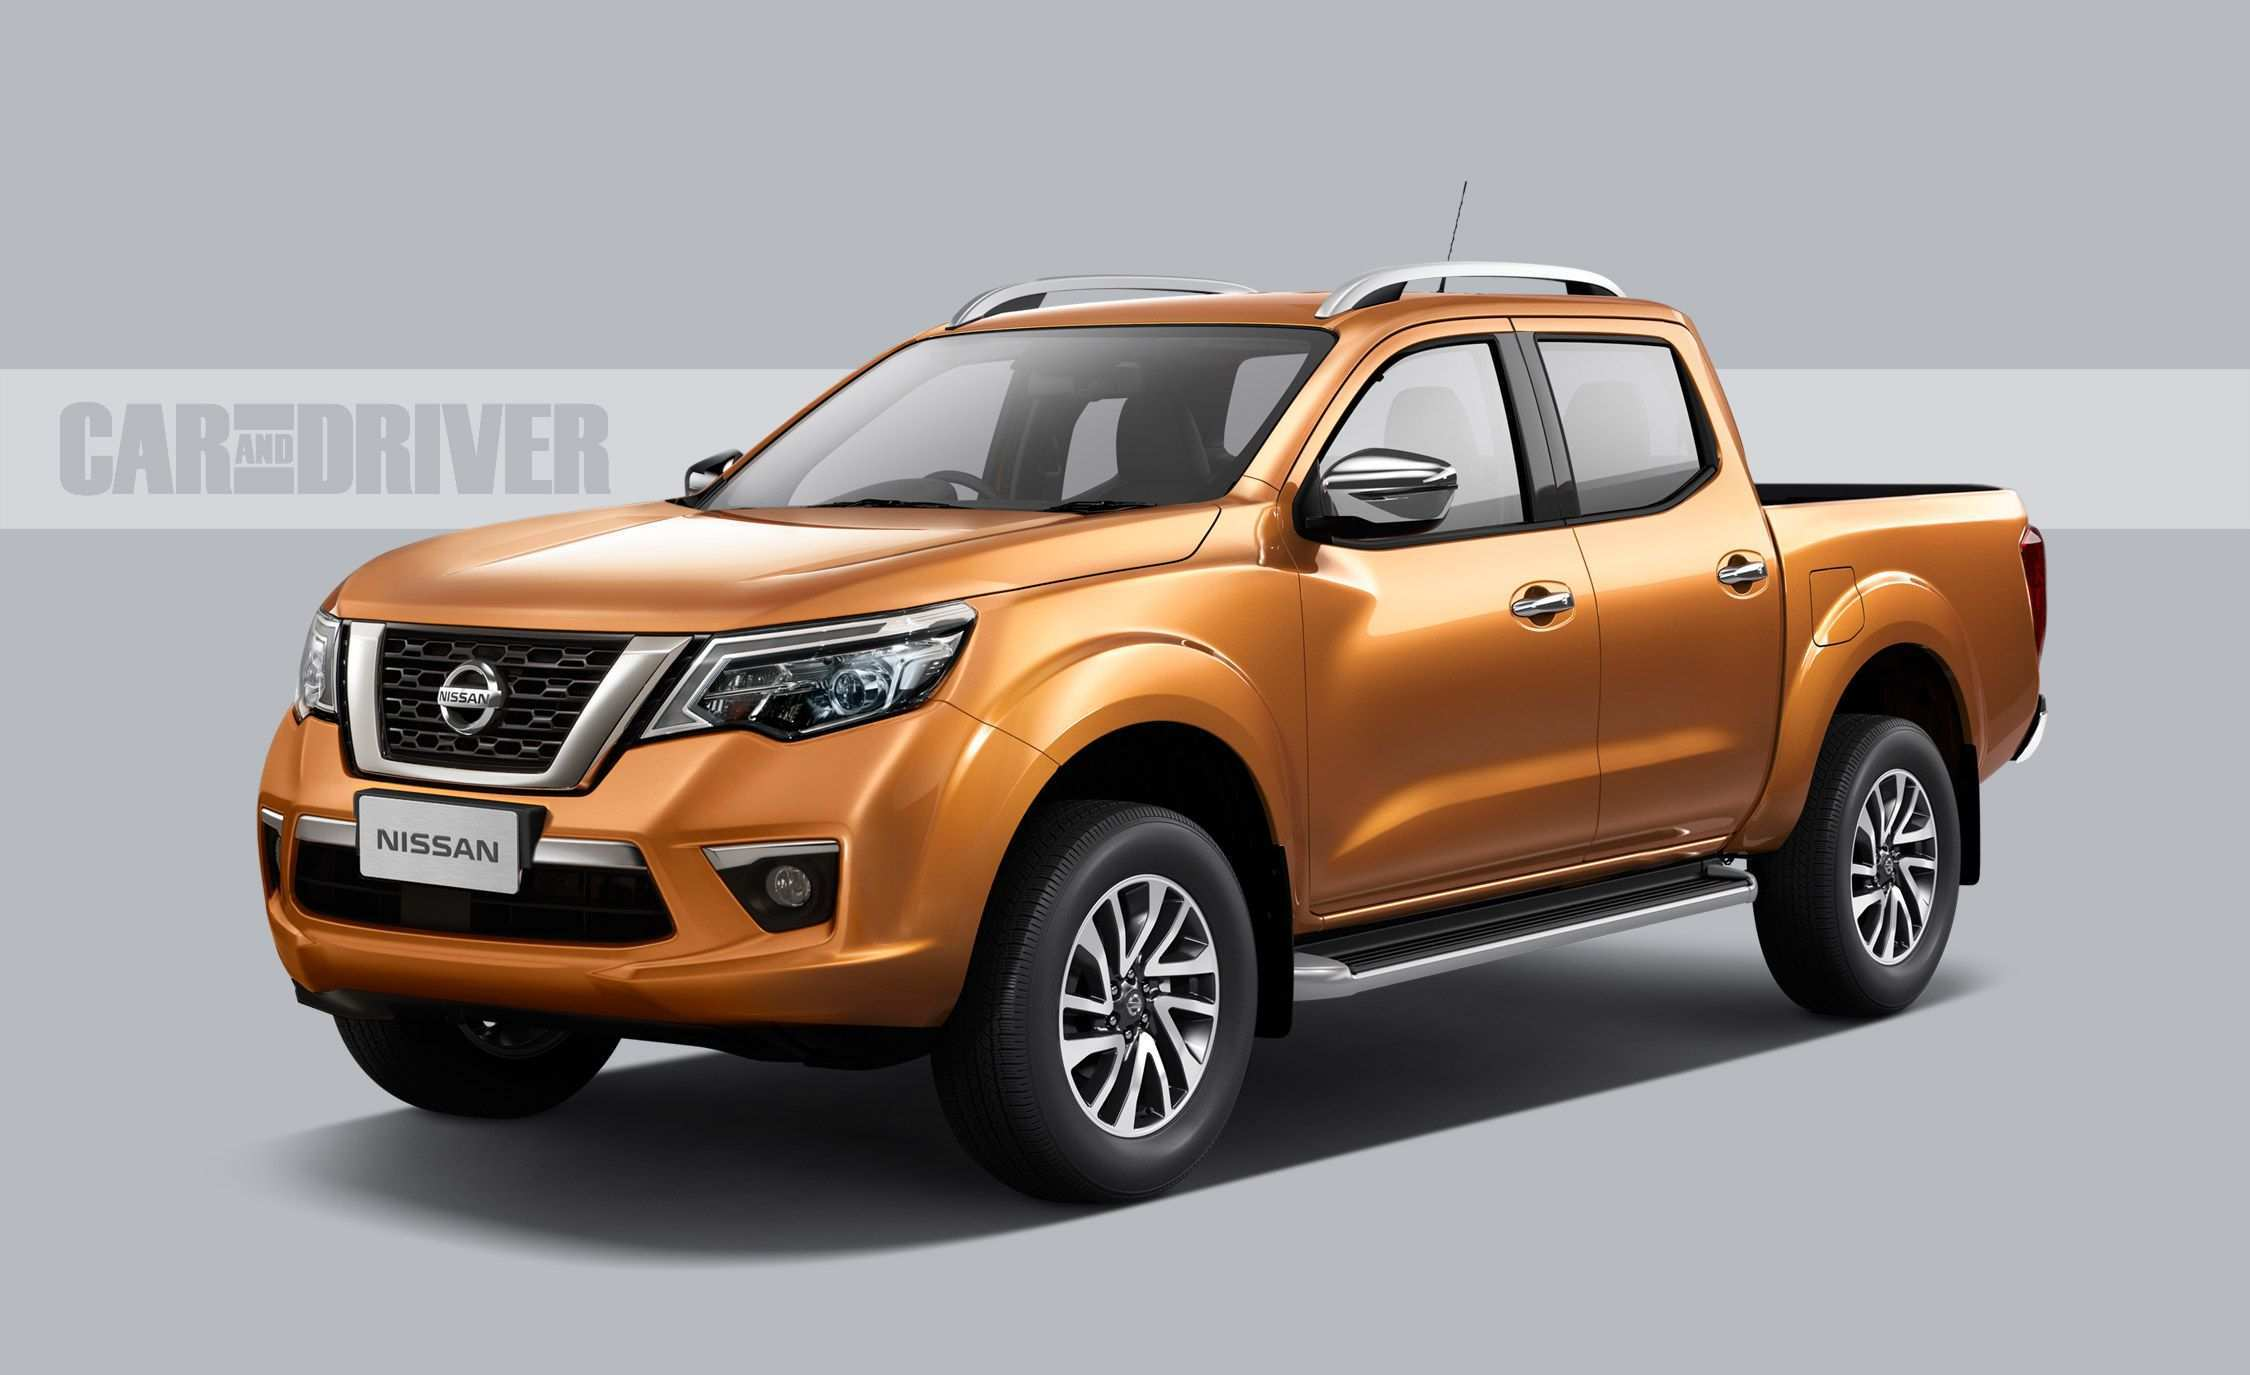 62 Great Nissan Navara 2019 Facelift Rumors Specs by Nissan Navara 2019 Facelift Rumors